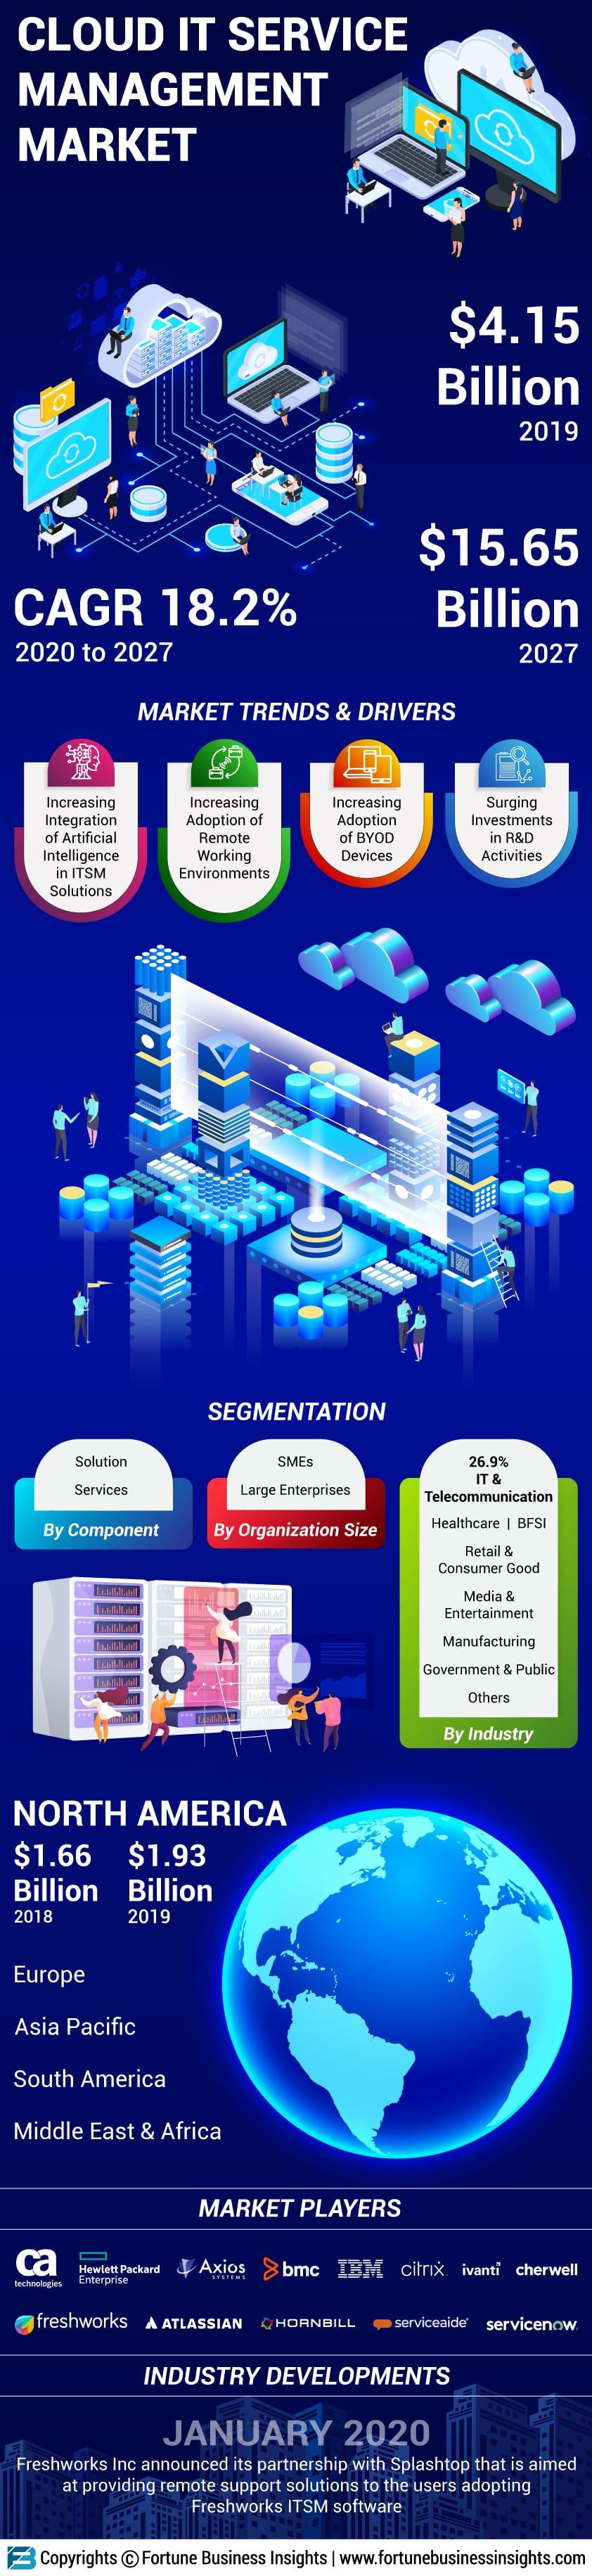 Cloud IT Service Management (ITSM) Market